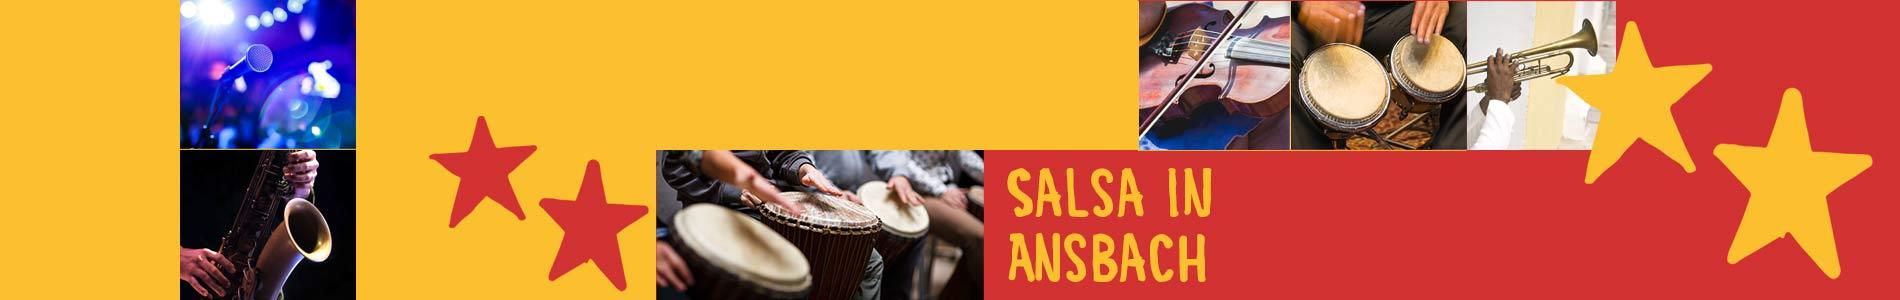 Salsa in Ansbach – Salsa lernen und tanzen, Tanzkurse, Partys, Veranstaltungen